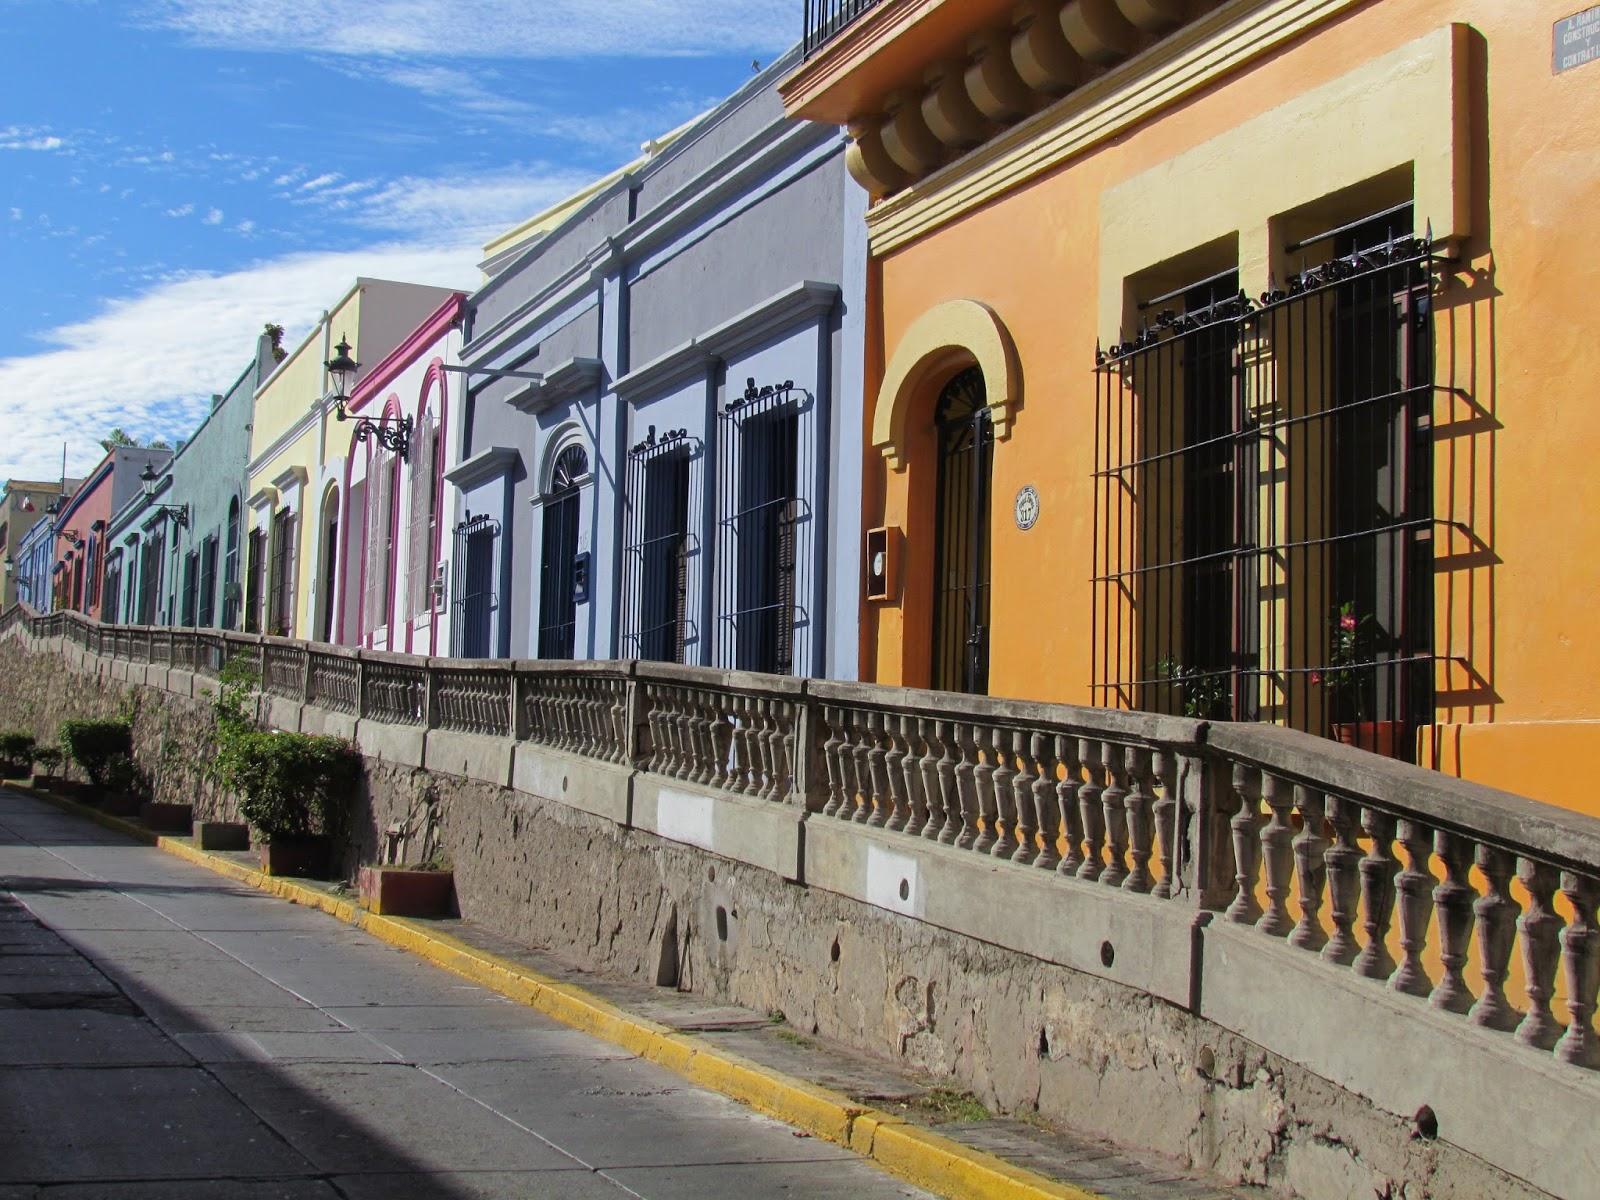 Fotos Hotel Las Flores Mazatlan - Hotel Las Flores Beach Resort, Mazatlán (Sinaloa Atrápalo